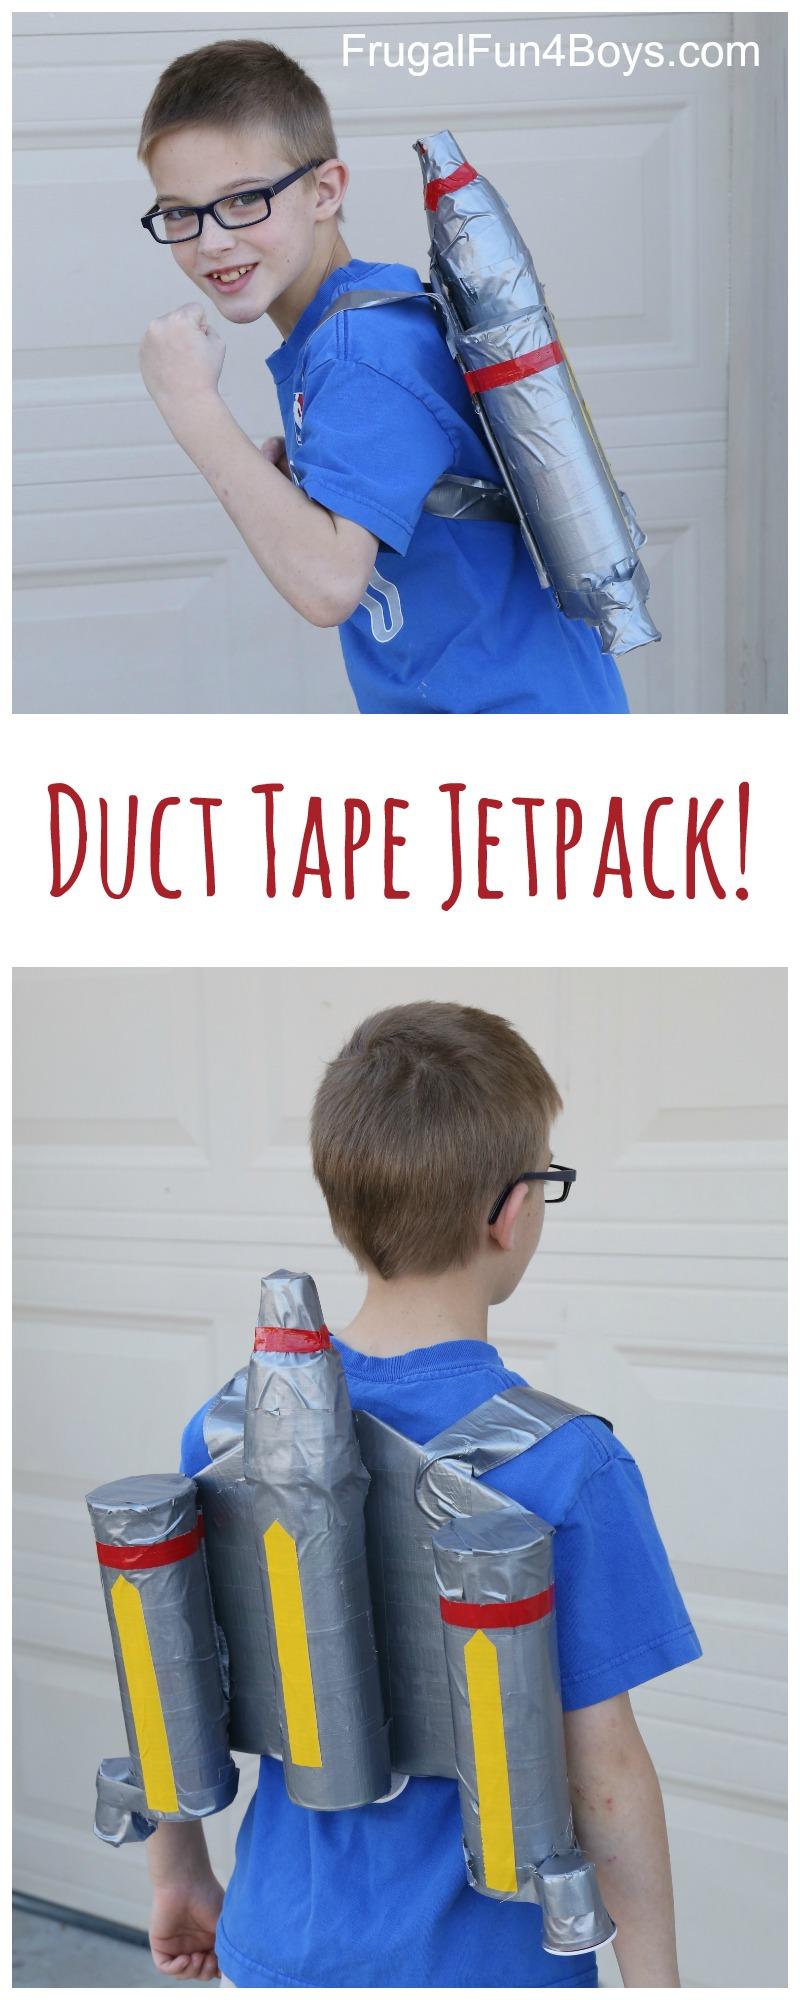 Make a Duct Tape Star Wars Jetpack